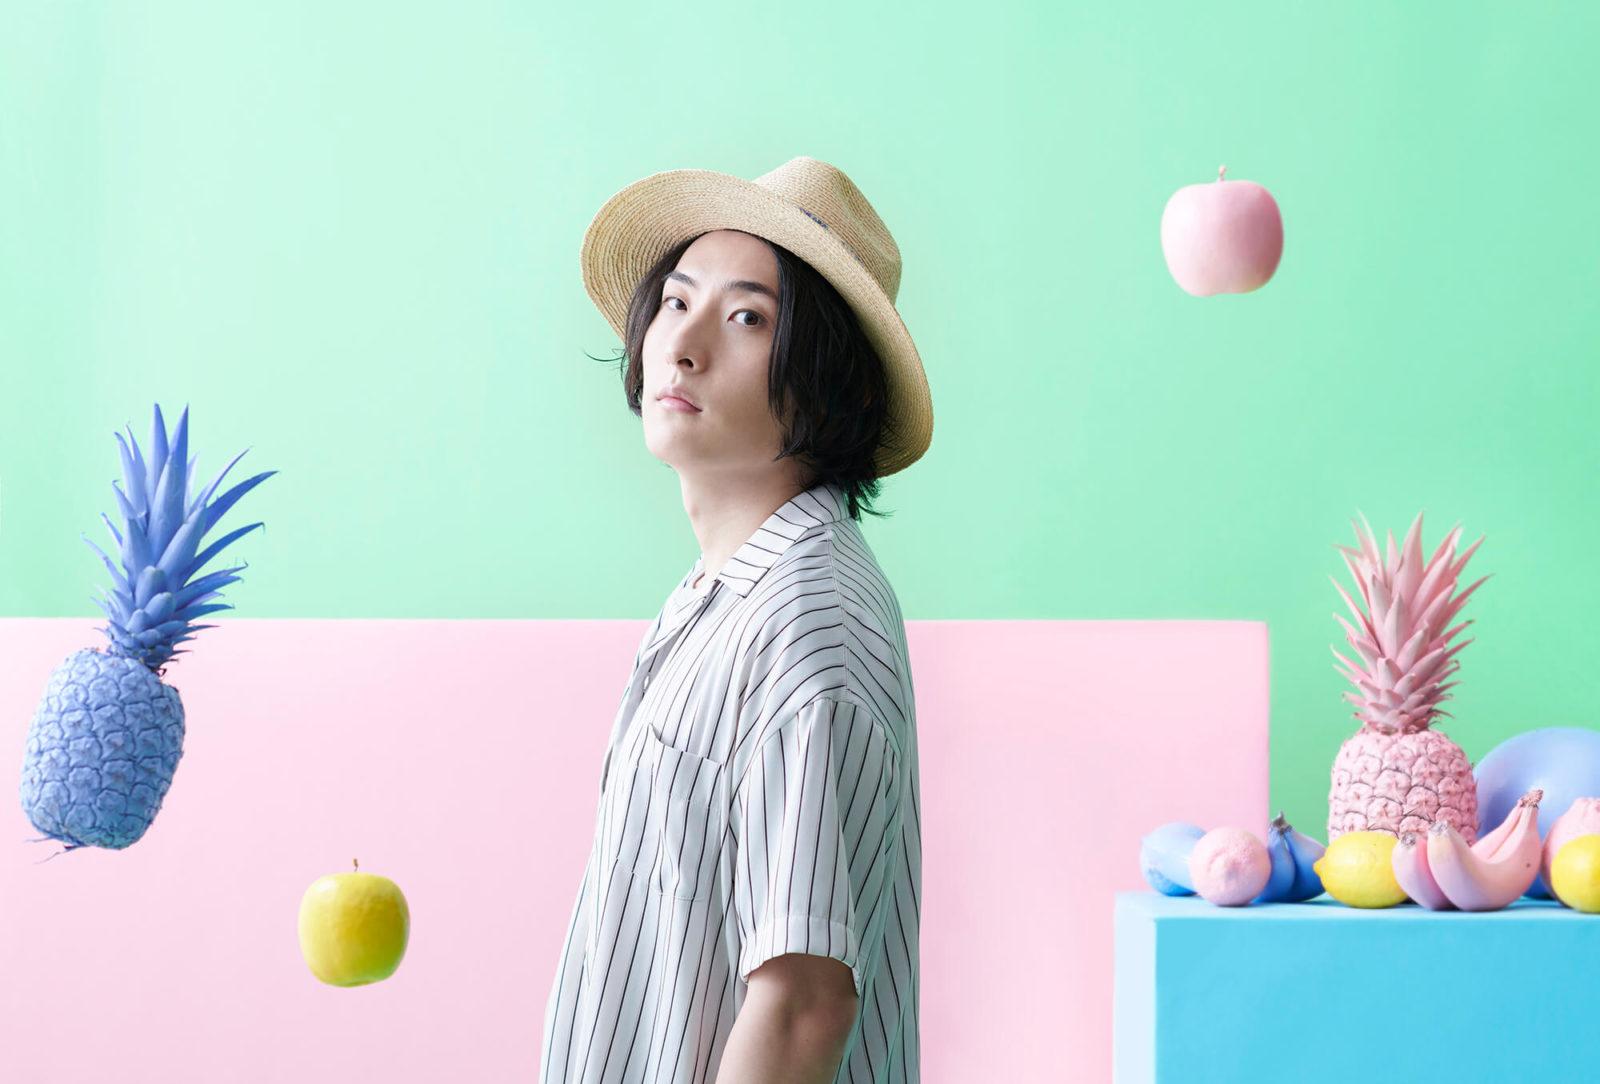 ビッケブランカ、ニューシングルより「夏の夢」MVを公開サムネイル画像